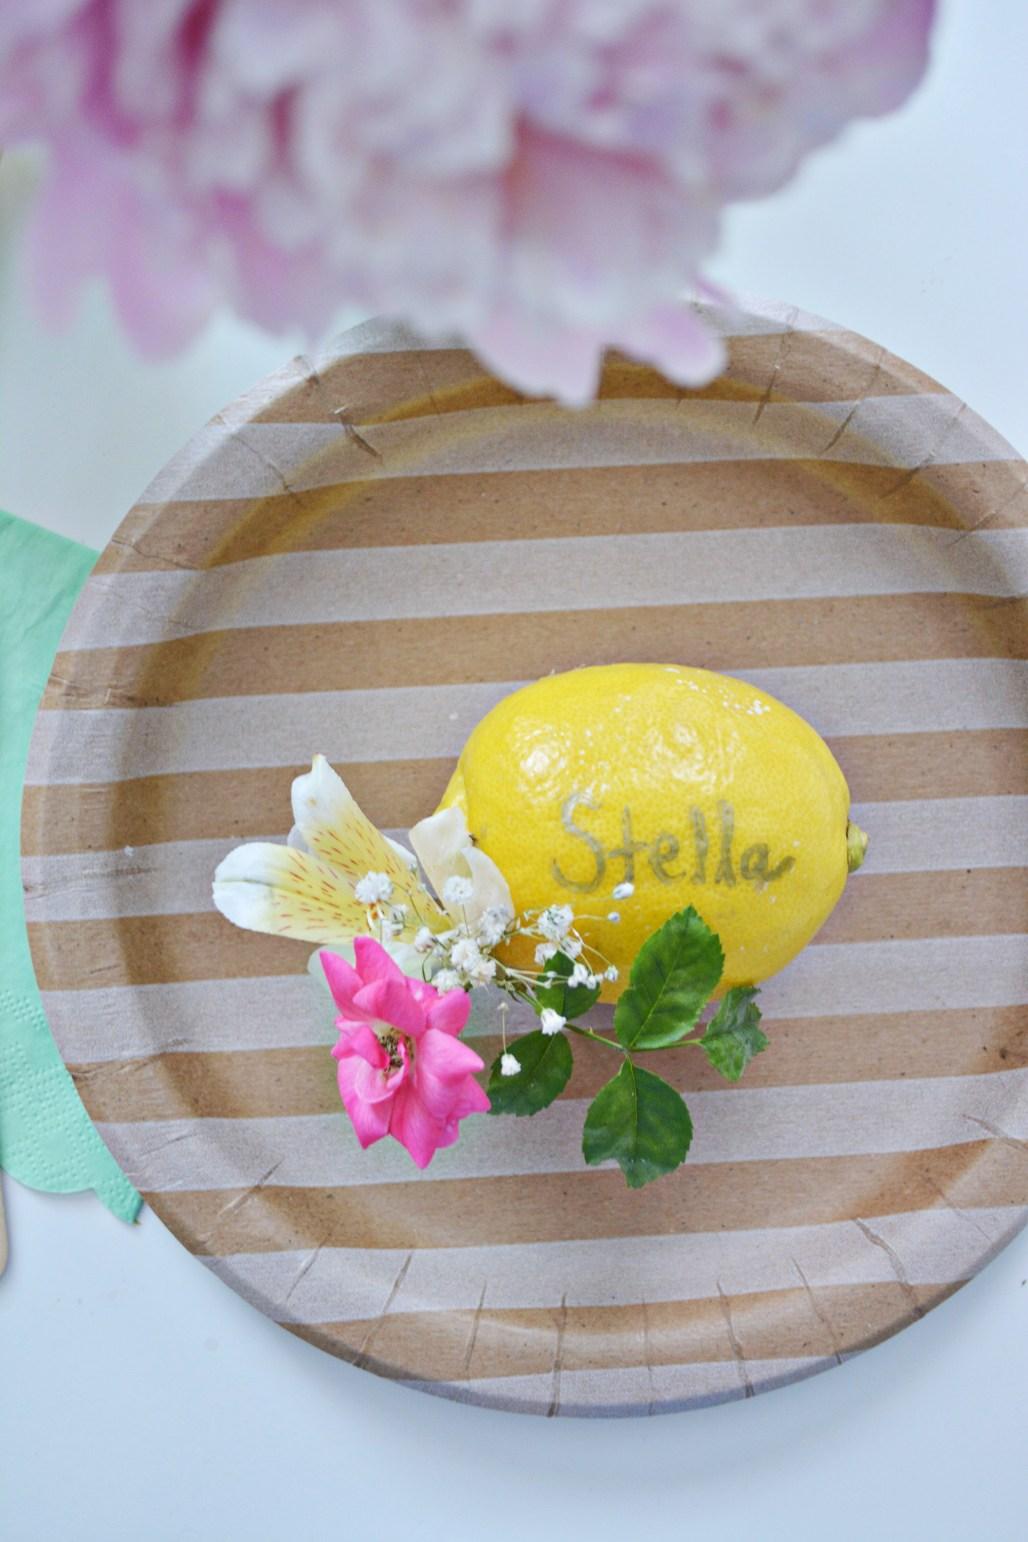 florallemonnamecard7